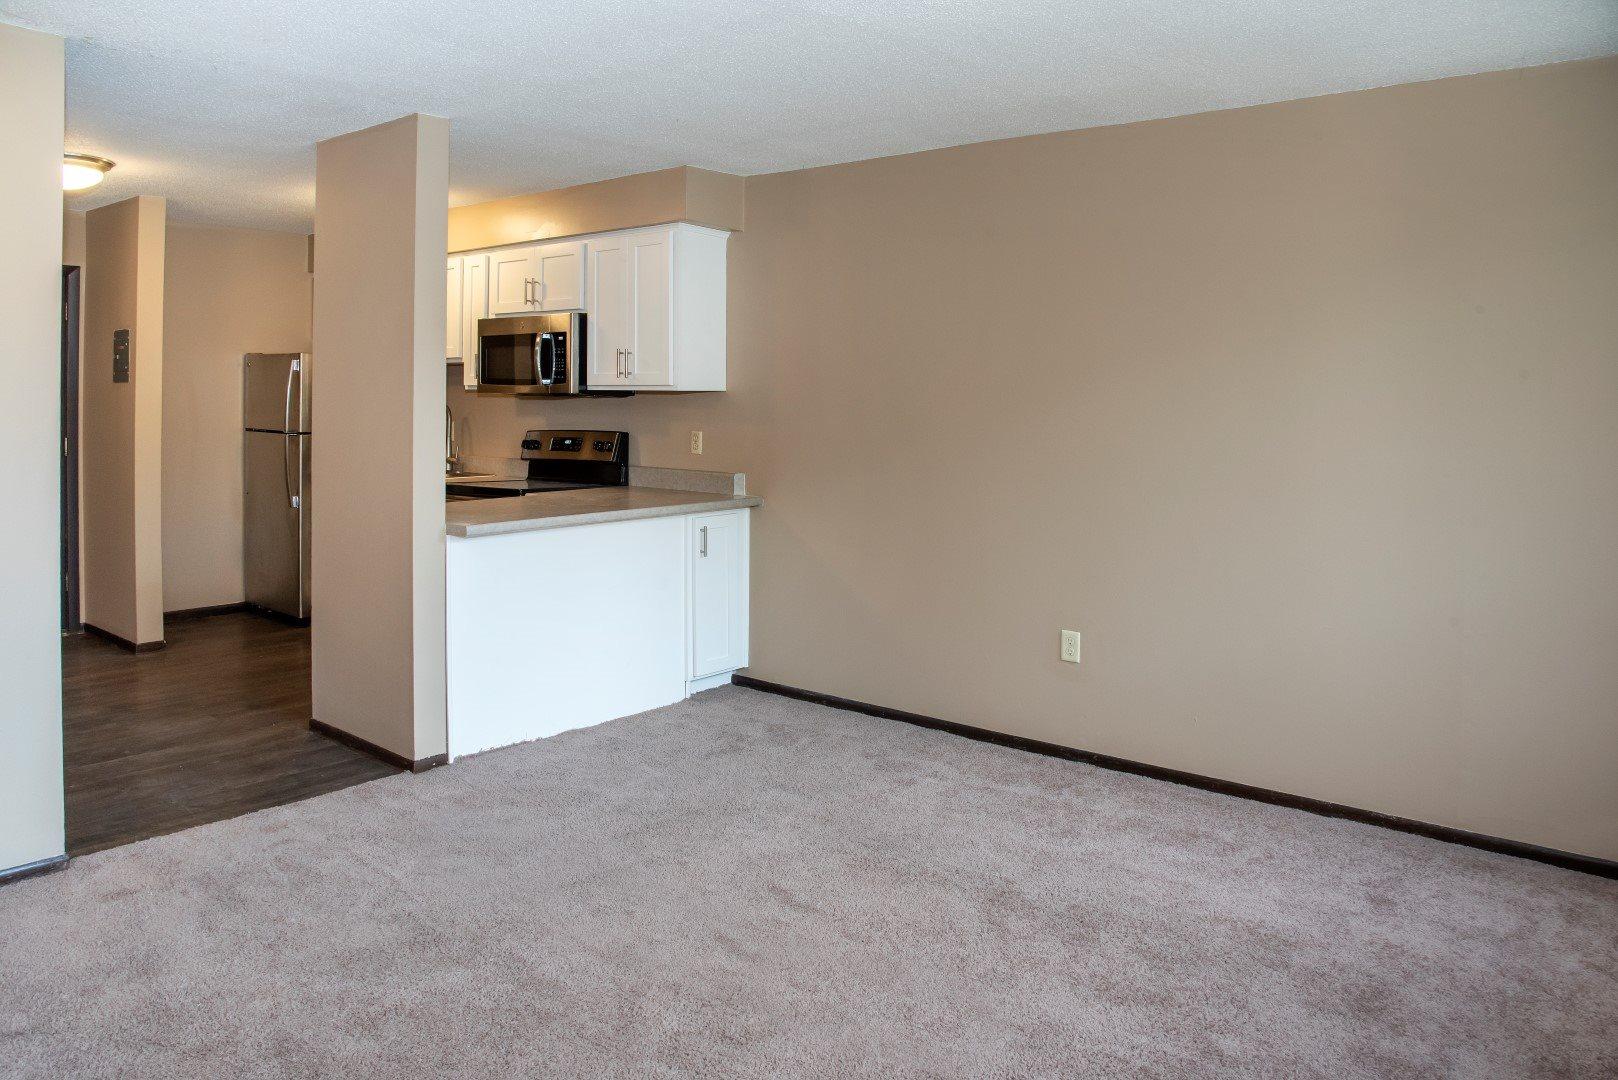 upgraded studio apartment, carpet in living space